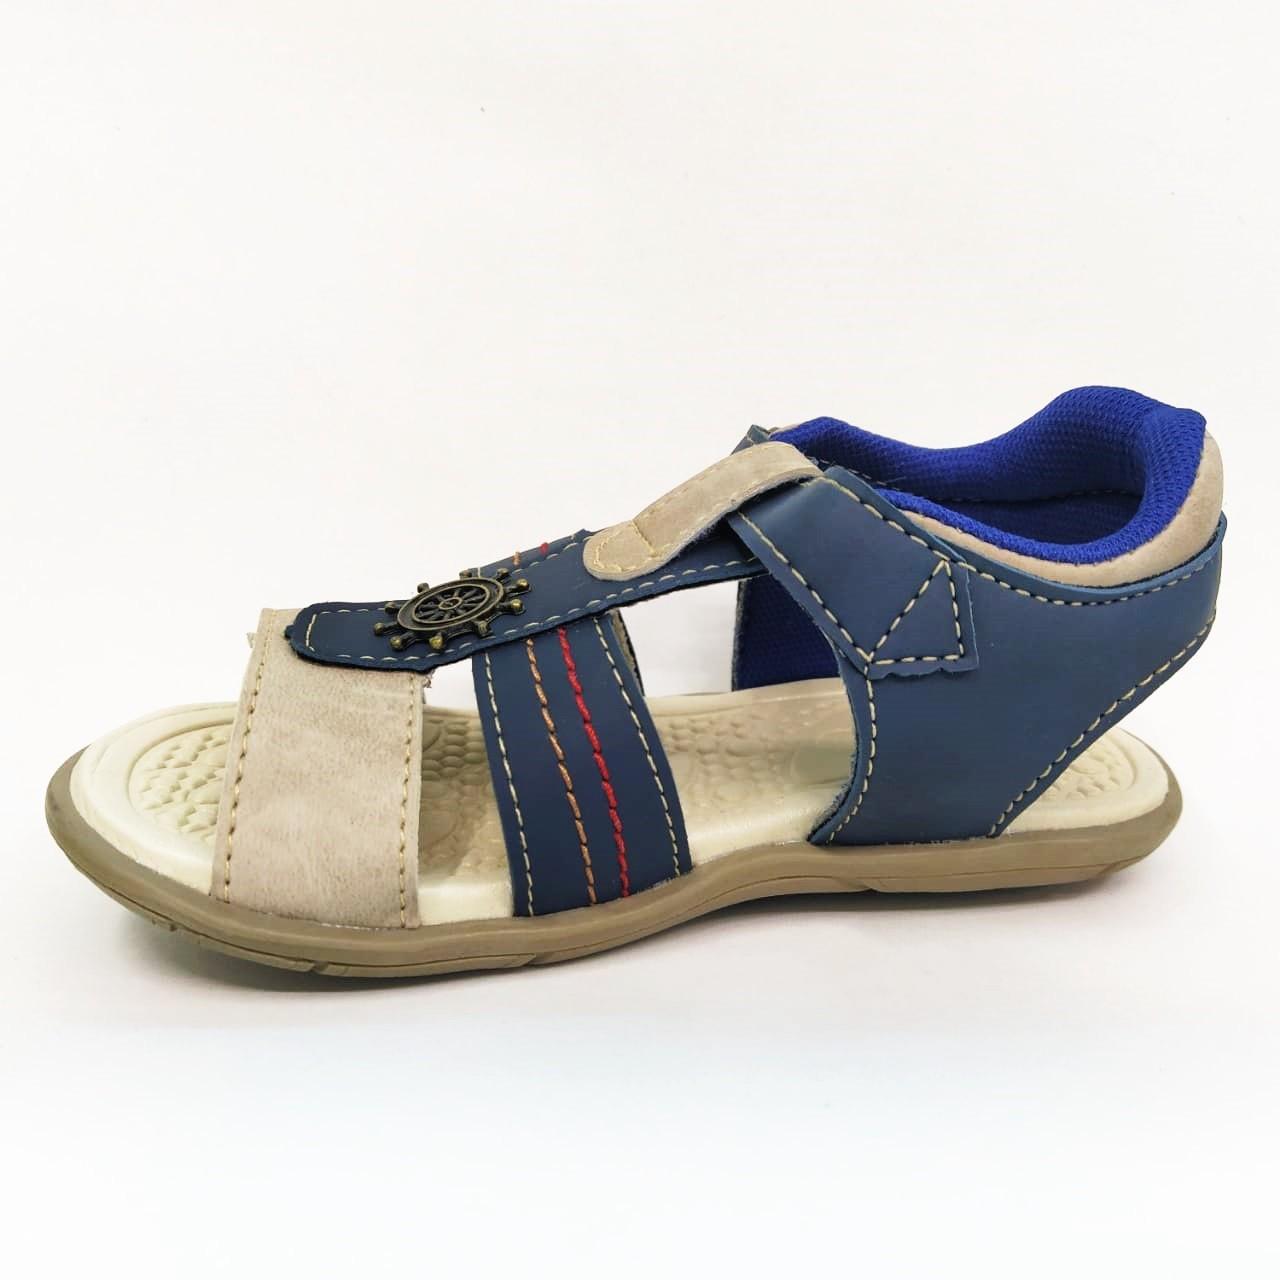 Sandália infantil Pingo de Pé 1393-625 - Mar / Bege